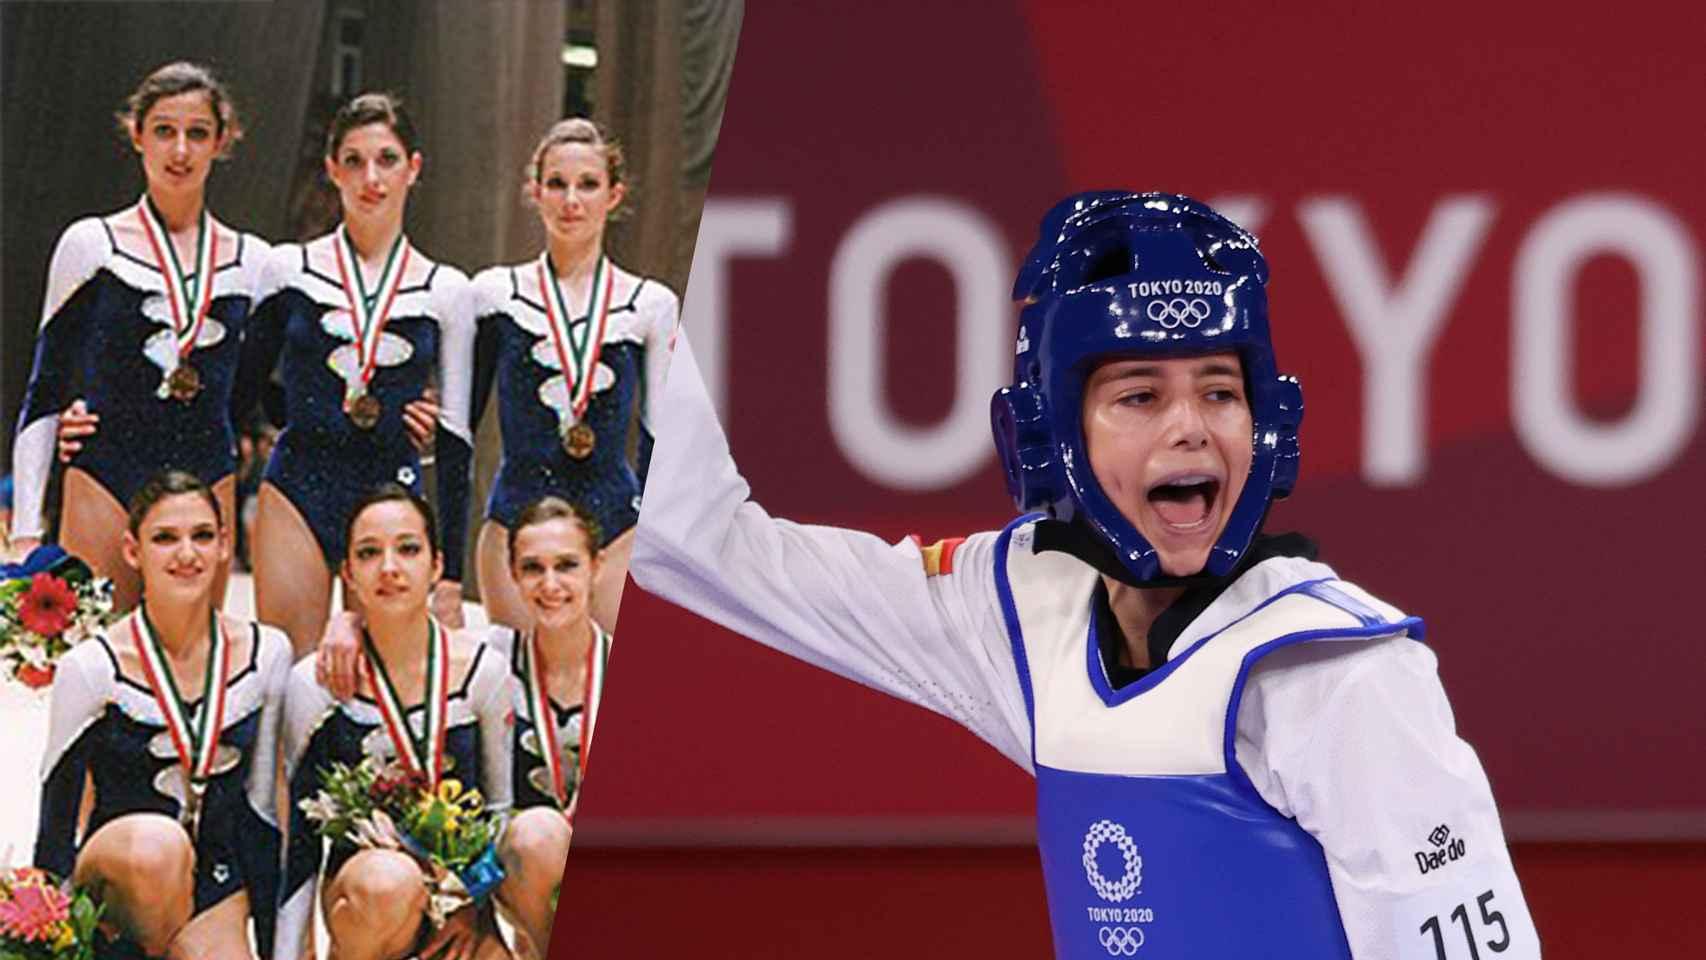 De Lorena Guréndez a Adriana Cerezo: los diez medallistas olímpicos españoles más jóvenes de la historia